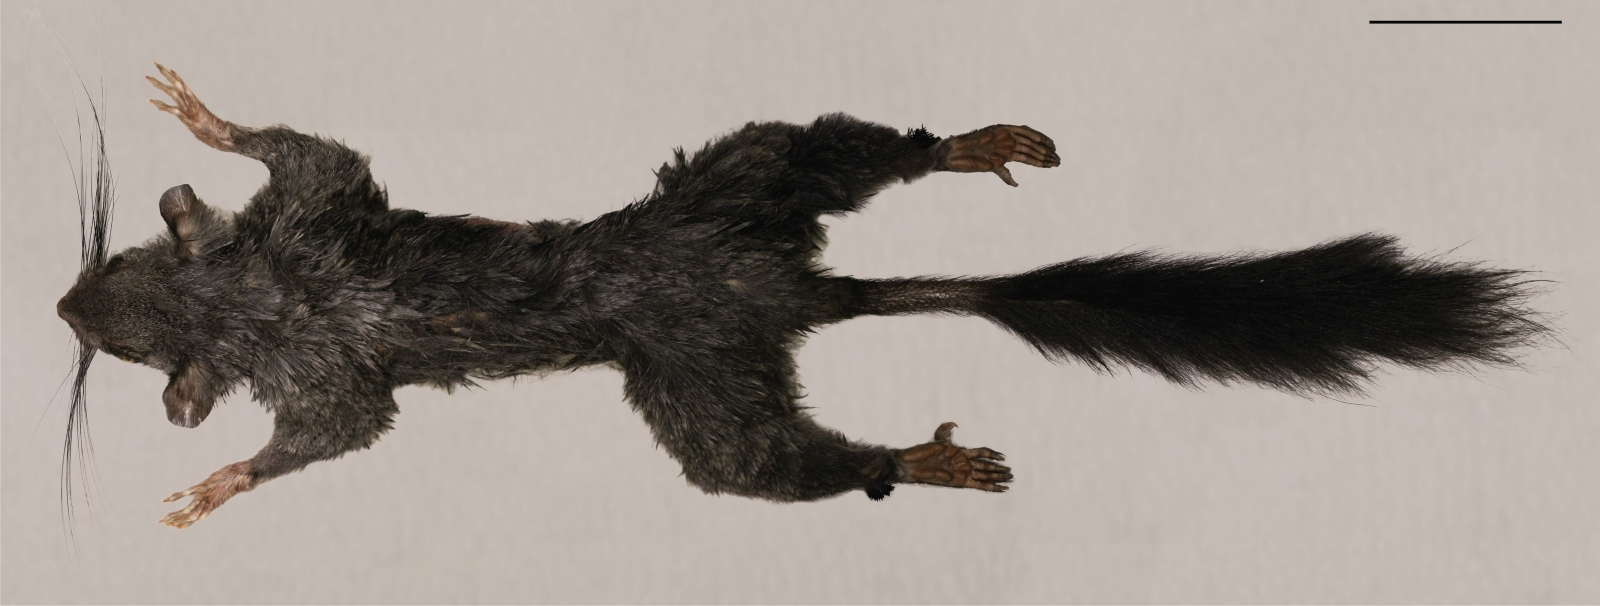 Семейство Шипохвостые – летающие африканские грызуны